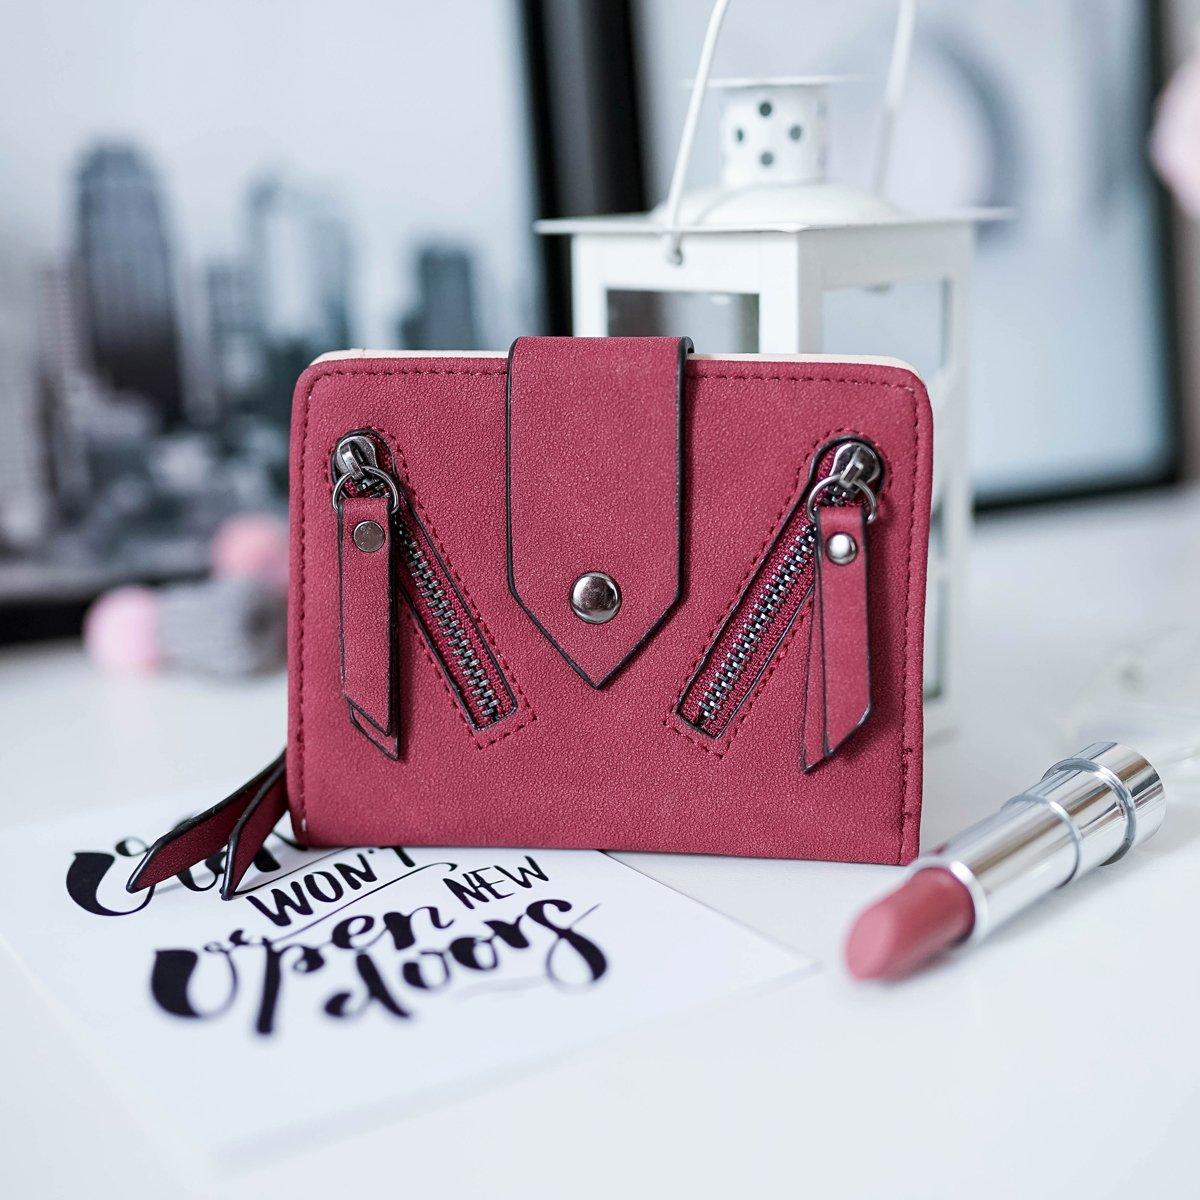 Красивый вместительный кошелек глубокого цвета марсала